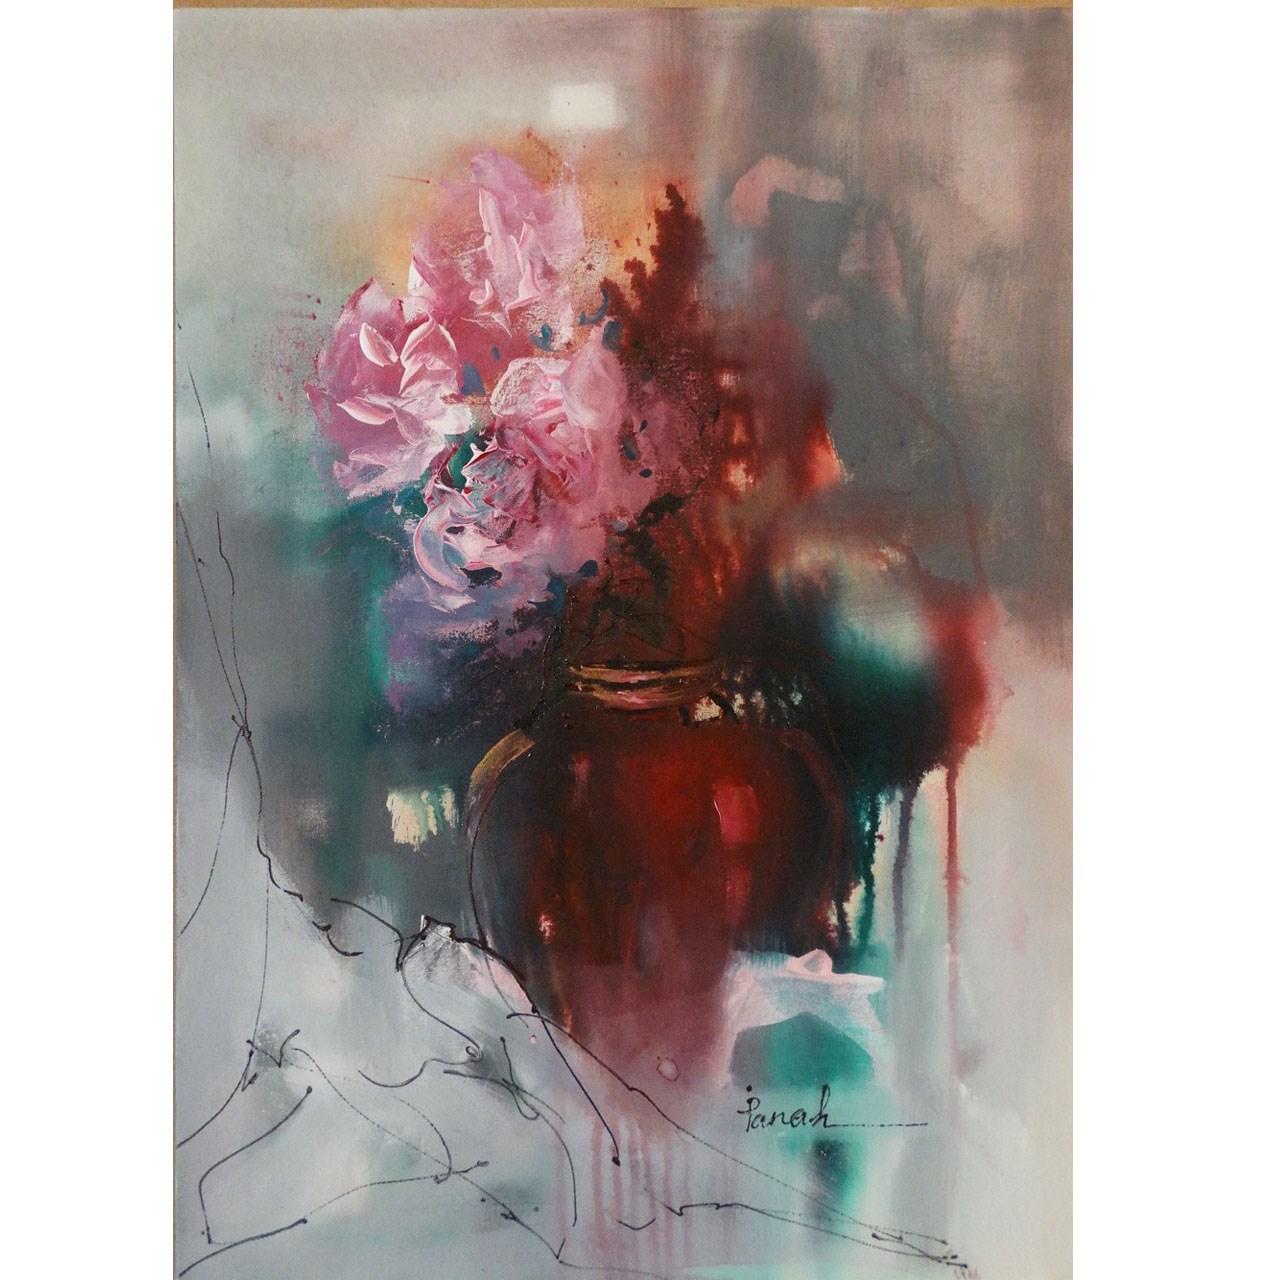 تابلو نقاشی اثر استاد خانم پناه مدل F04 طرح گل های بهشتی